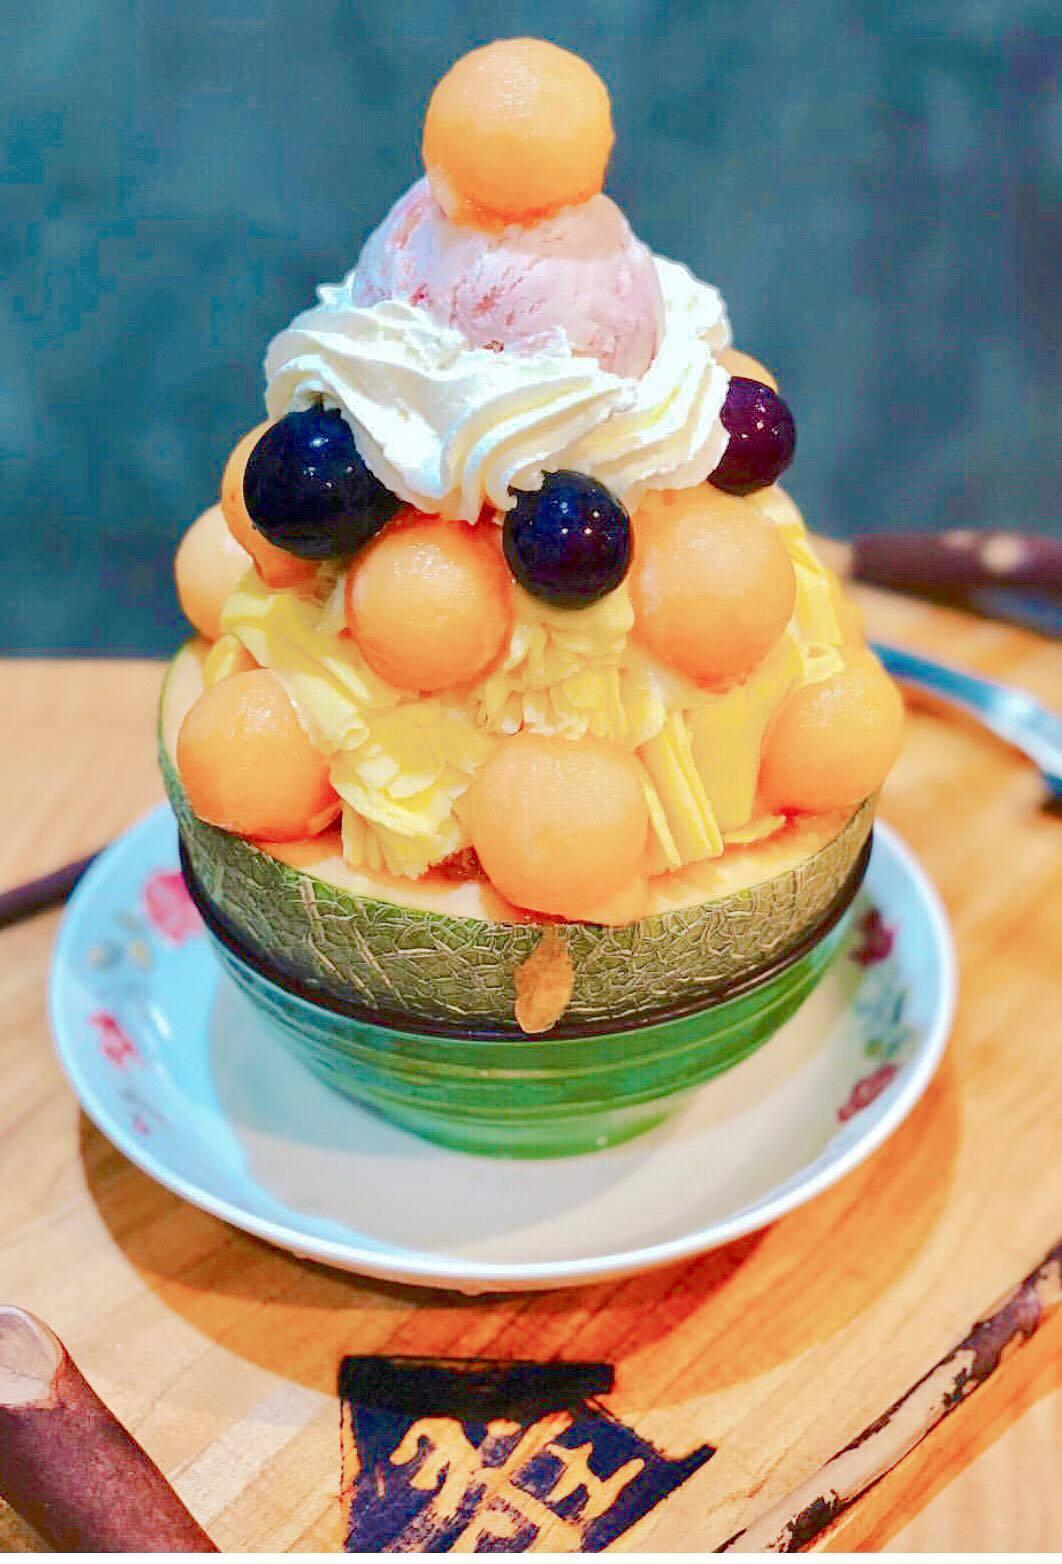 創意冰品名稱「芒果哥哈葡萄妹」。圖/尋庄懷舊冰店 提供